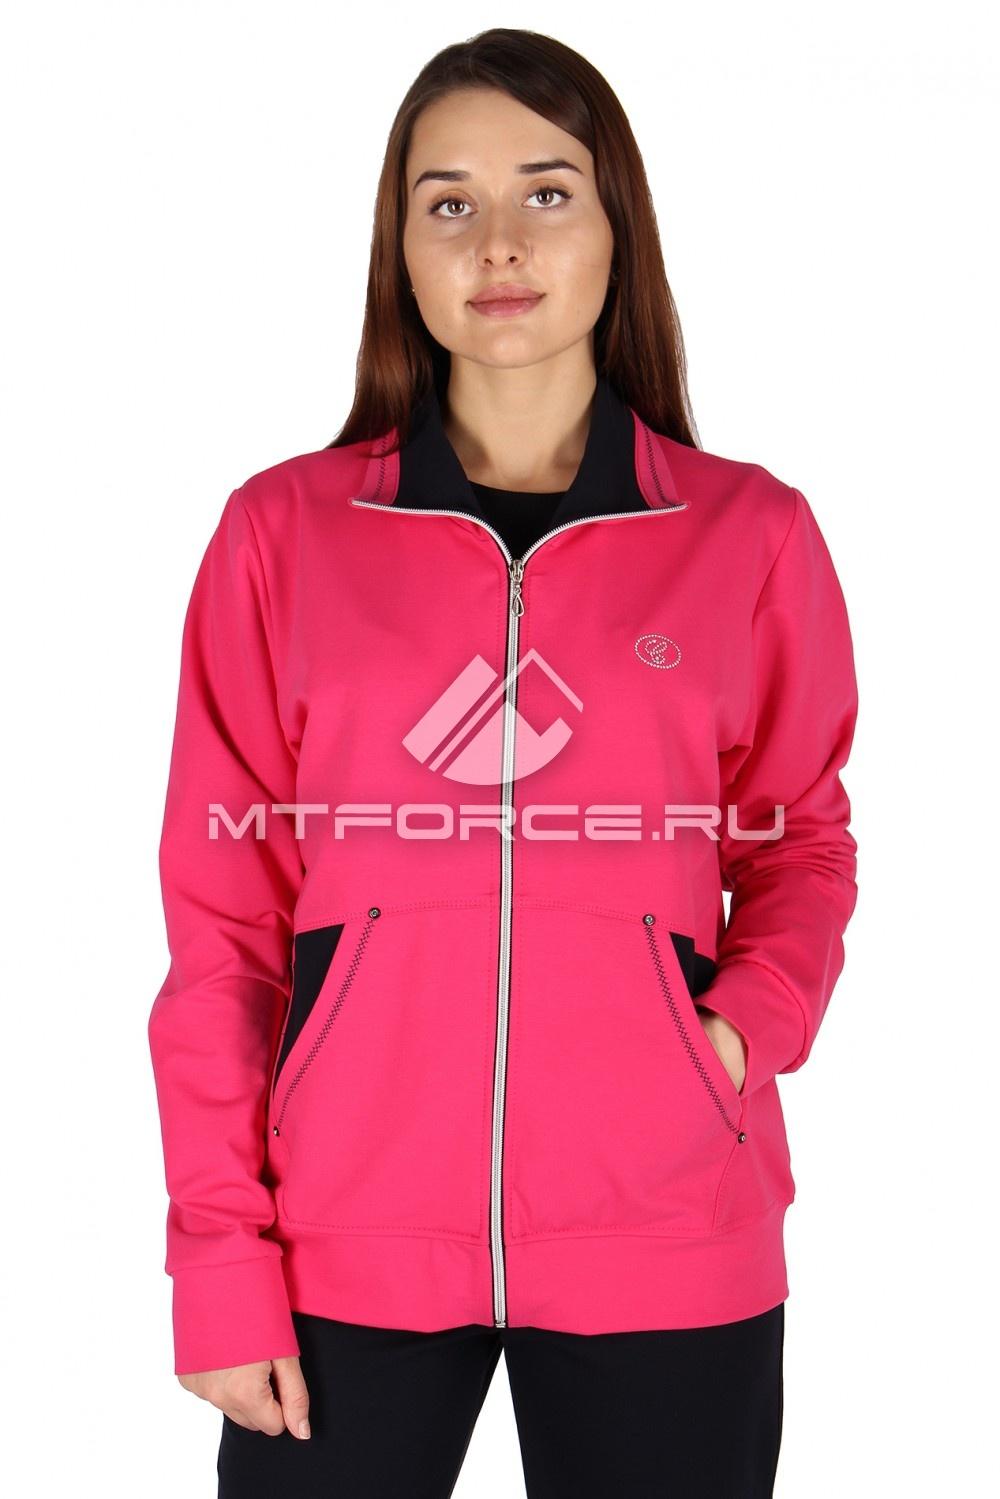 Купить                                  оптом Олимпийка женская большого размера розового цвета 021R